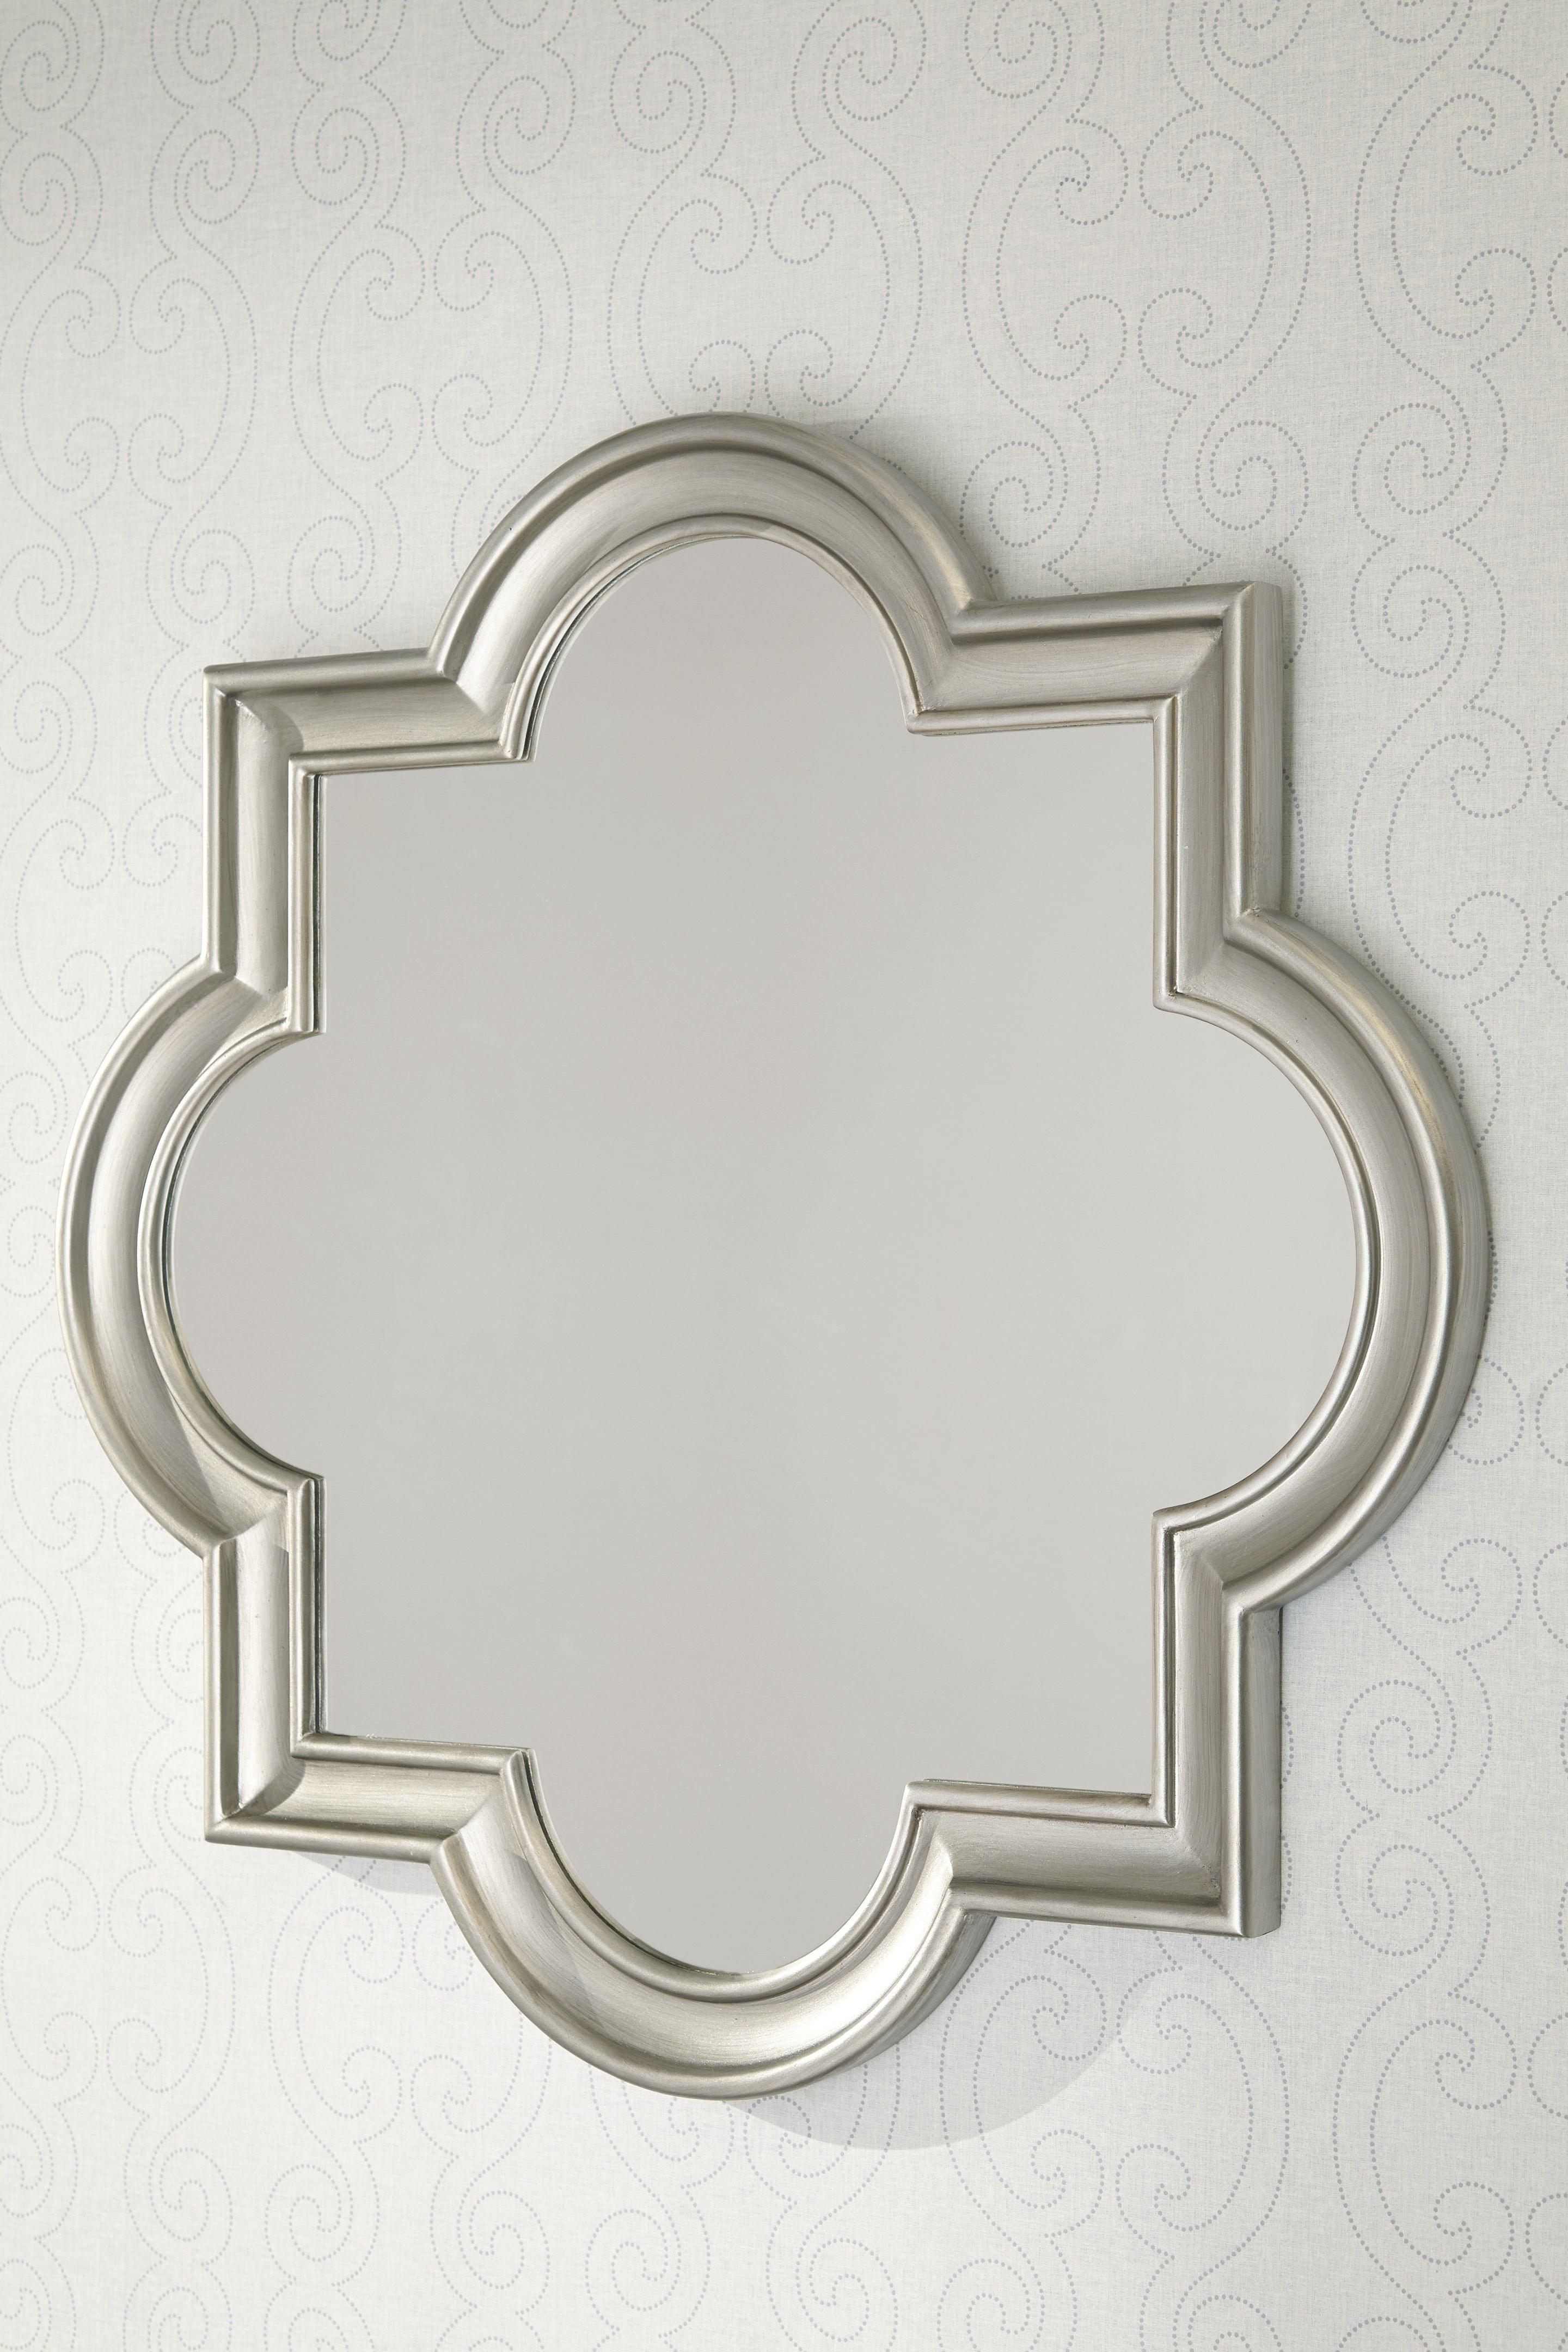 Signature Design By Ashley Accessories Accent Mirror A8010044   Kiser  Furniture   Abingdon, VA